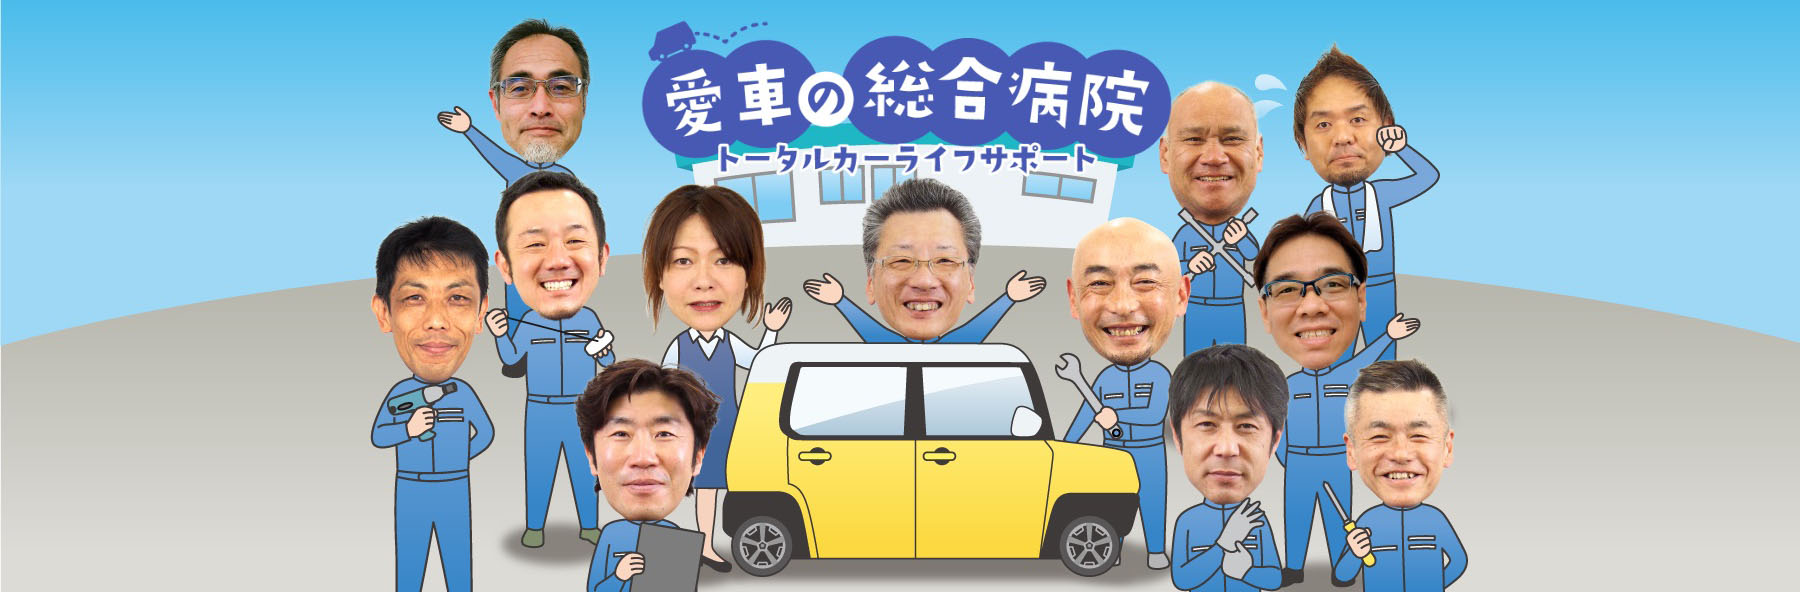 愛車の総合病院 トータルカーライフサポート